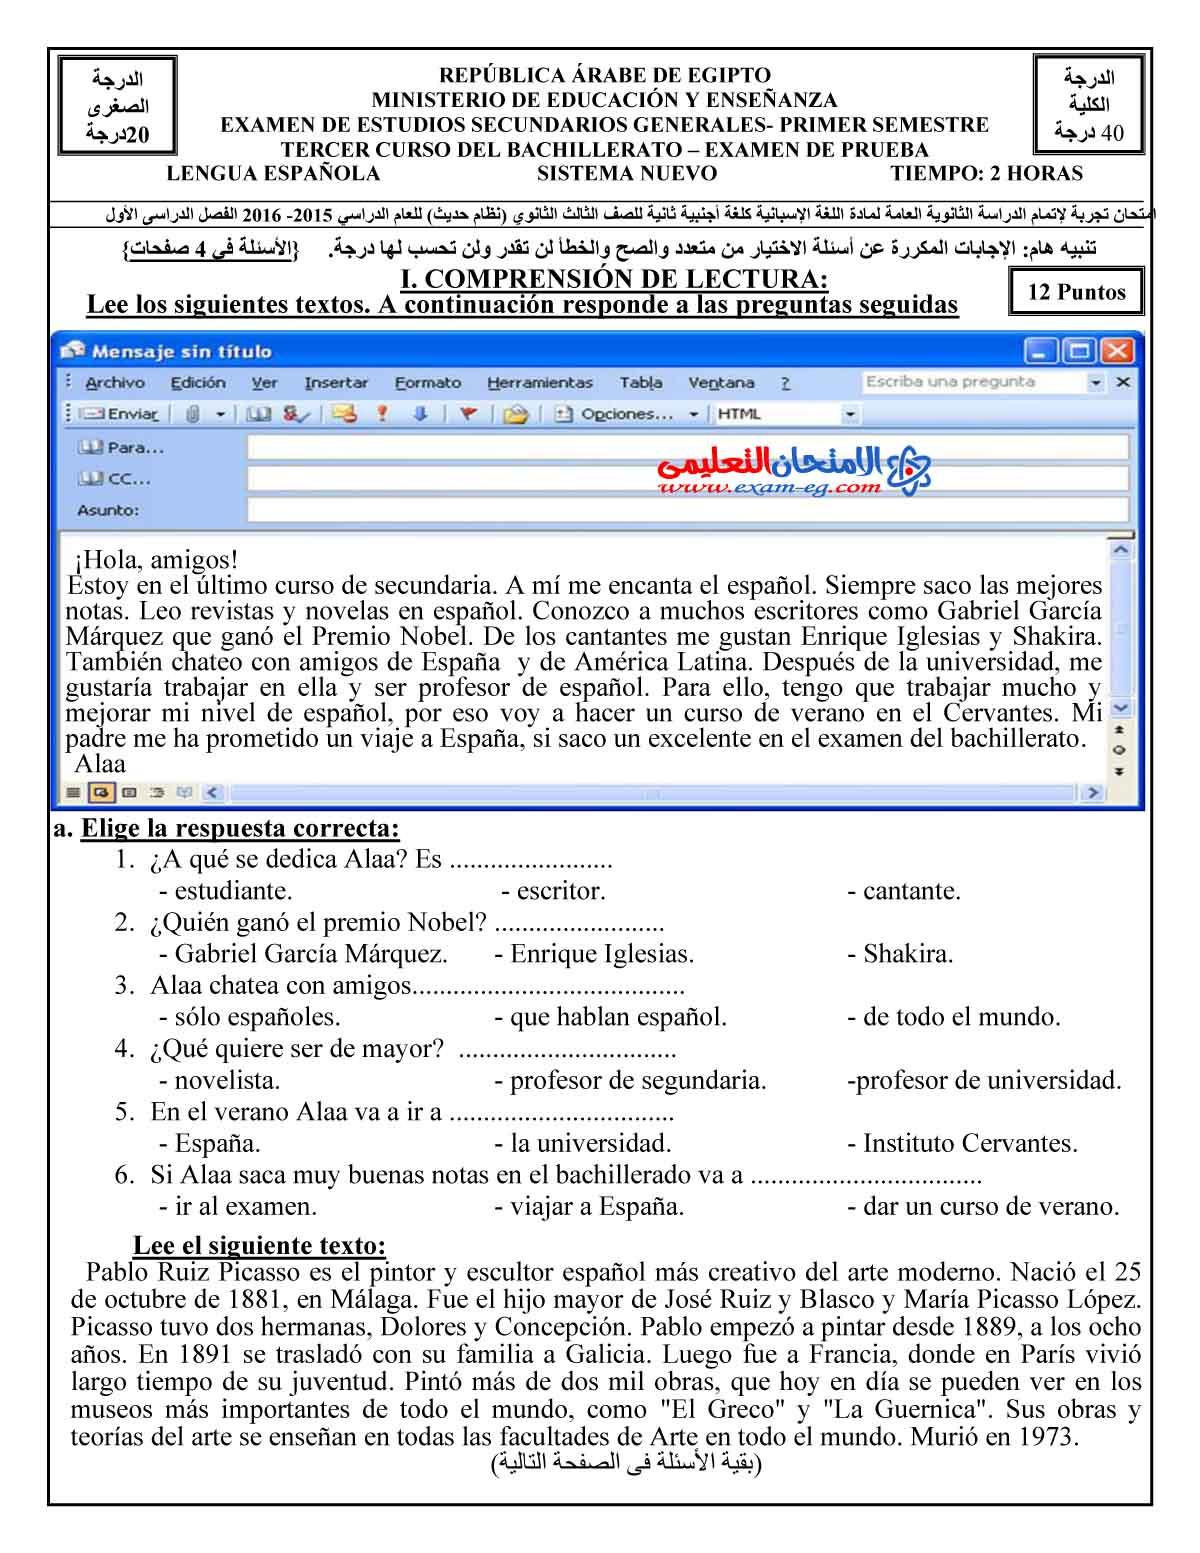 لغة اسبانية 1 - مدرسة اون لاين-1